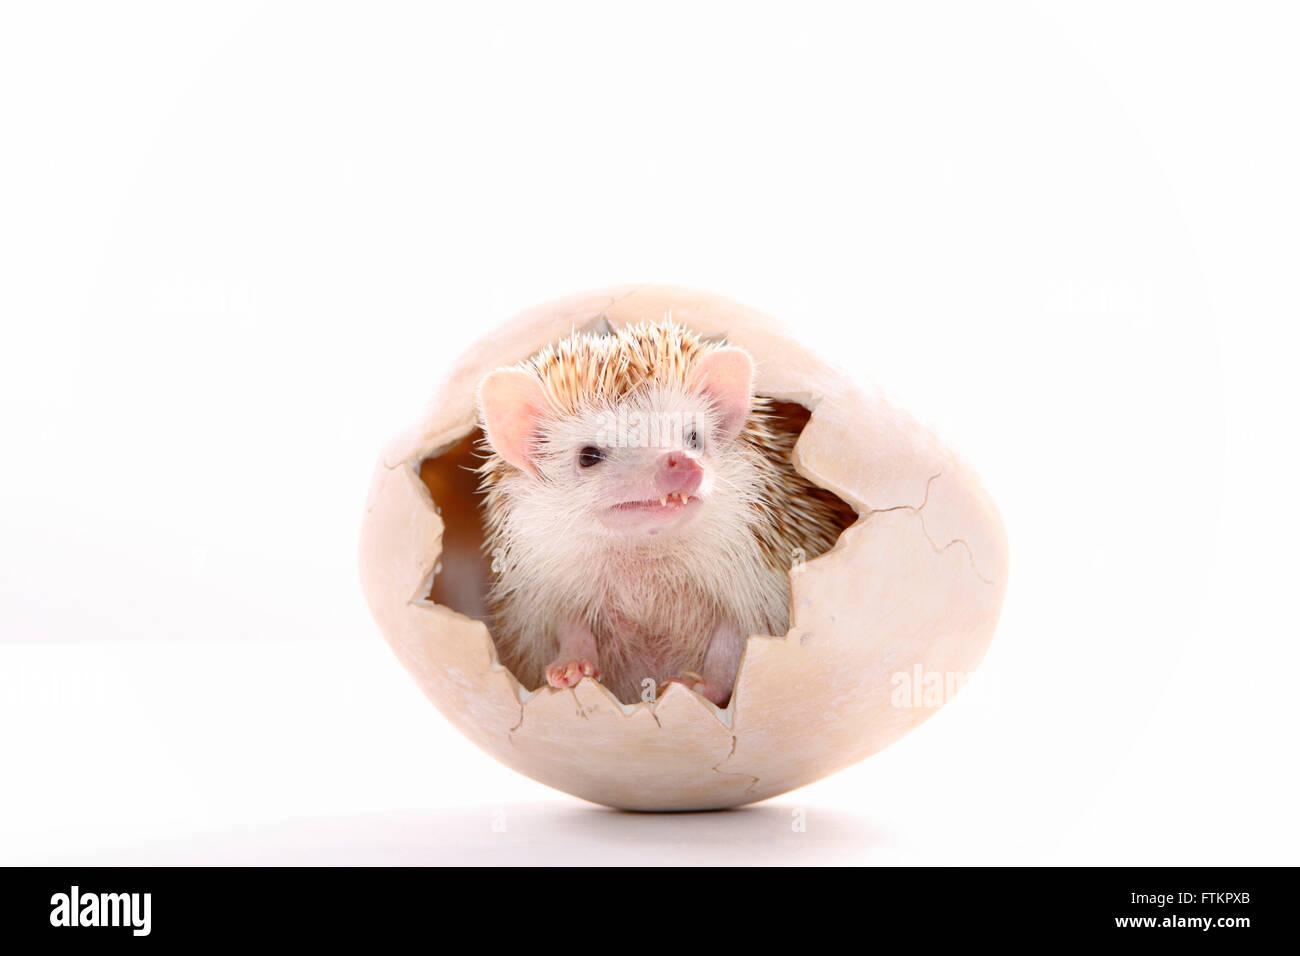 Hedgehog Like Stock Photos & Hedgehog Like Stock Images - Alamy